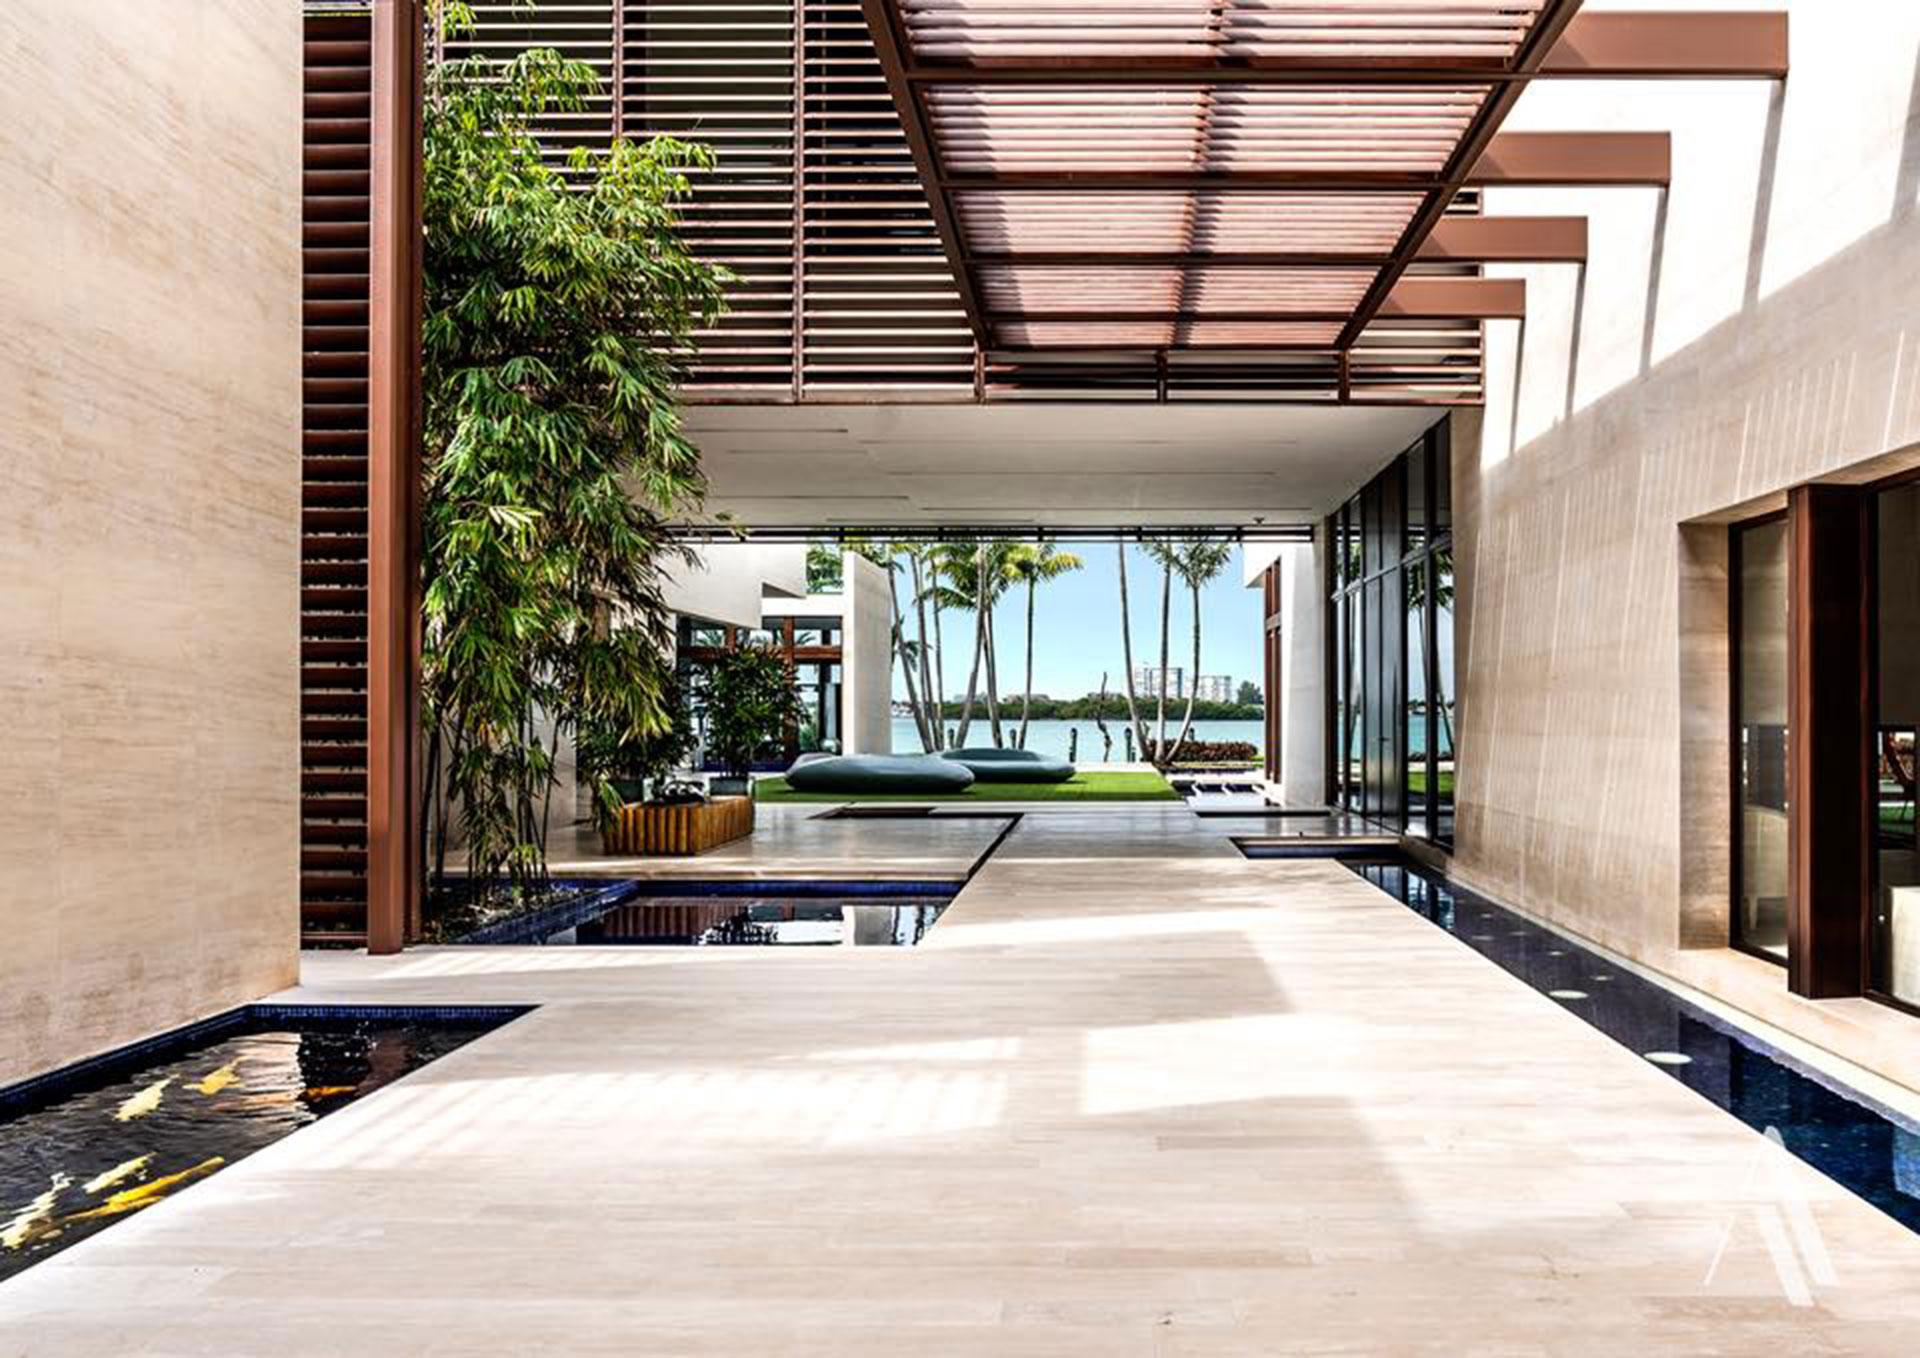 La casa tiene vista al área de Bahía Vizcaína (Biscayne Bay), una laguna tropical con bellos paisajes